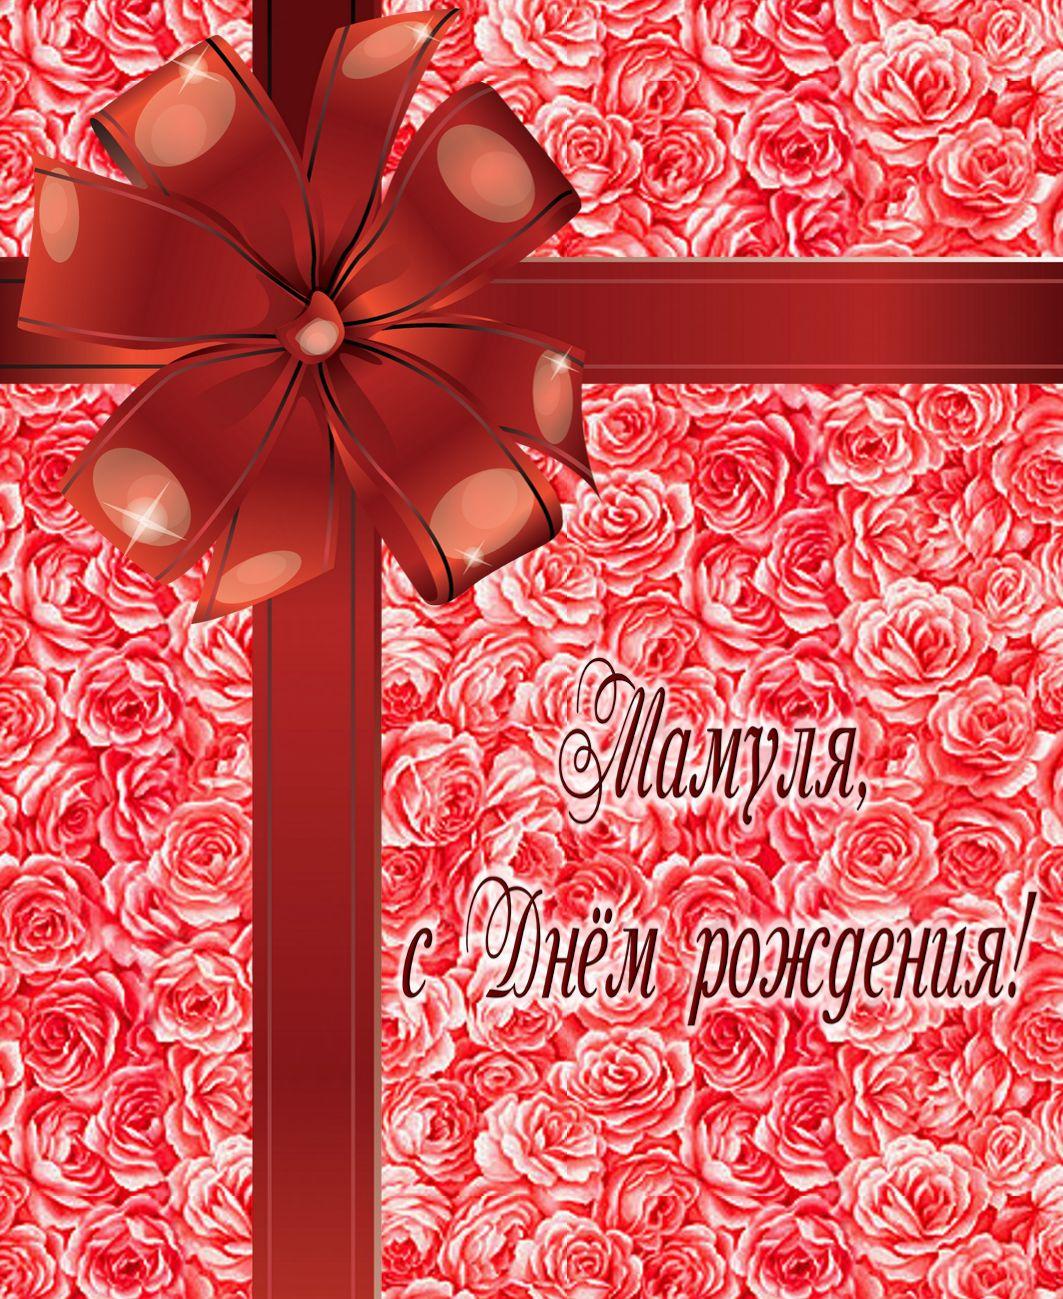 Открытка для мамули на фоне из роз